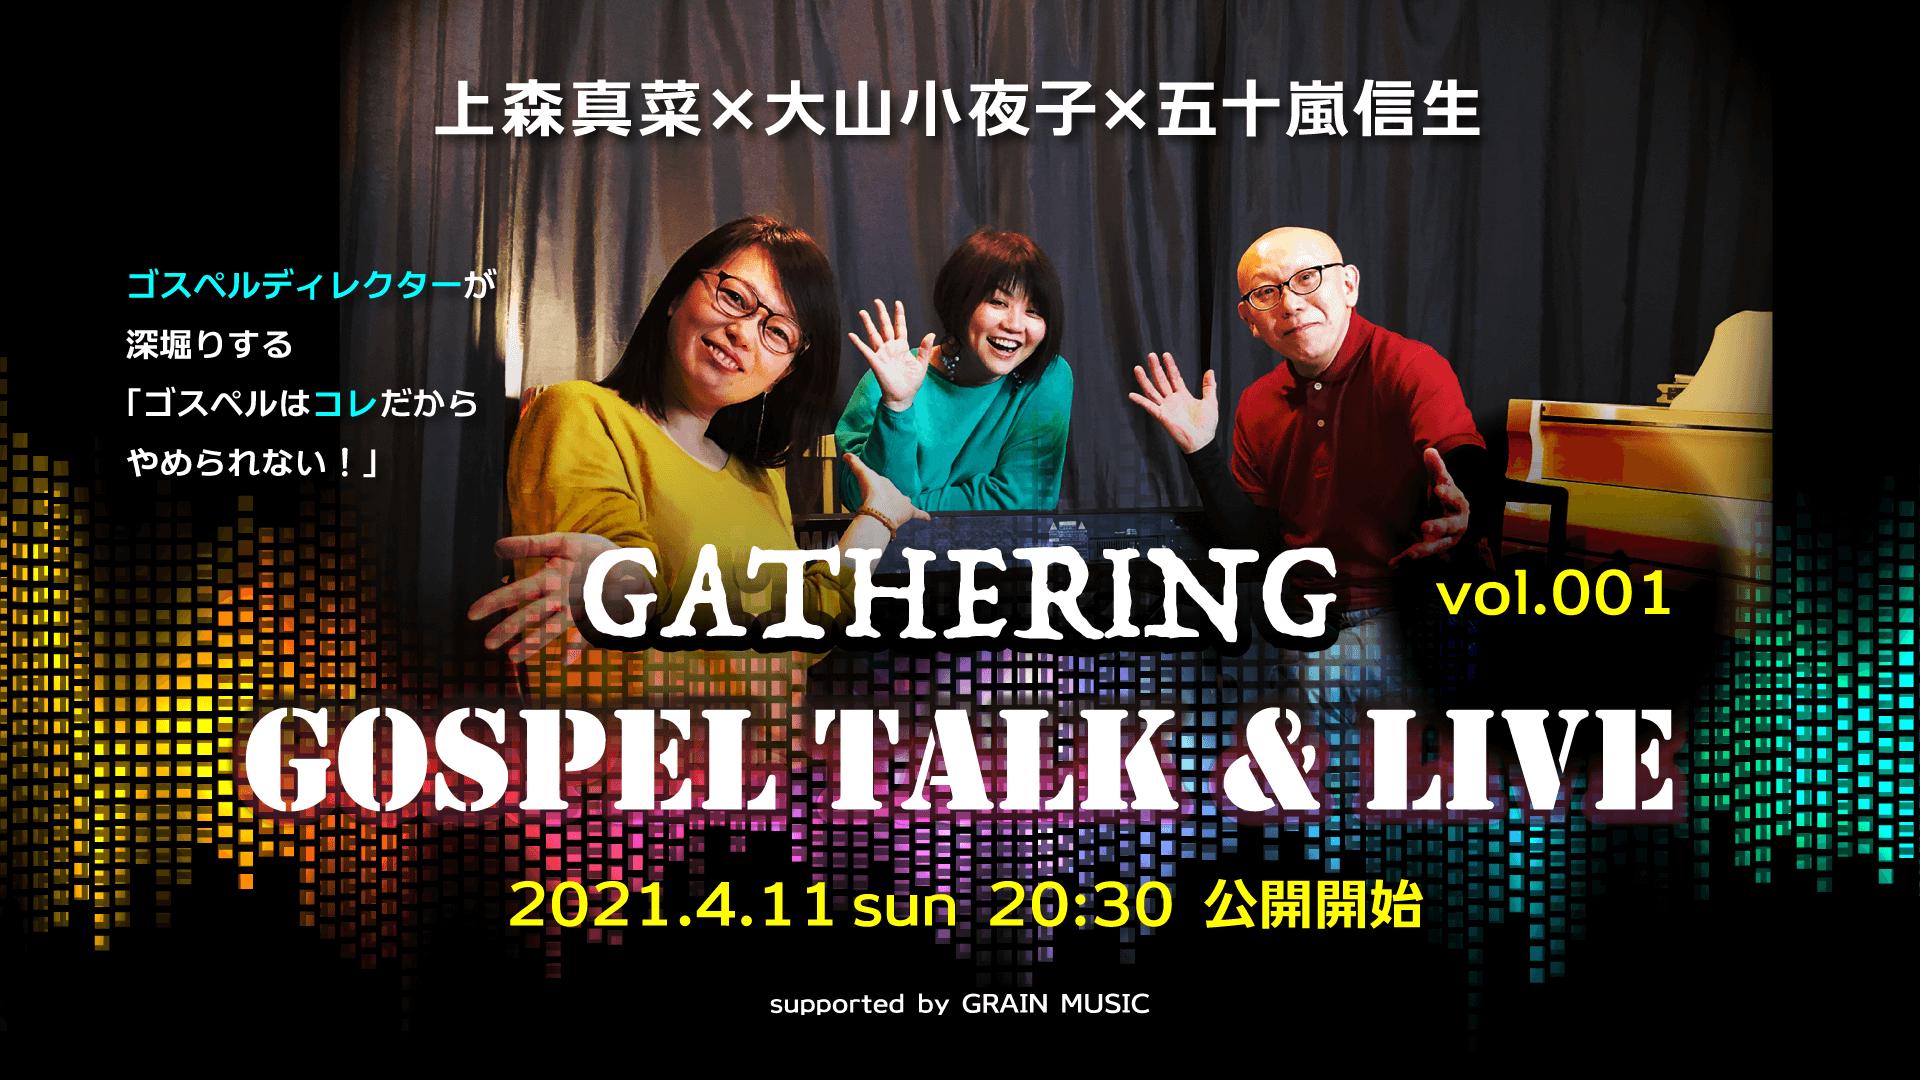 【終了】[2021.04.11 sun]ゴスペルトーク&ライブ『GATHERING』